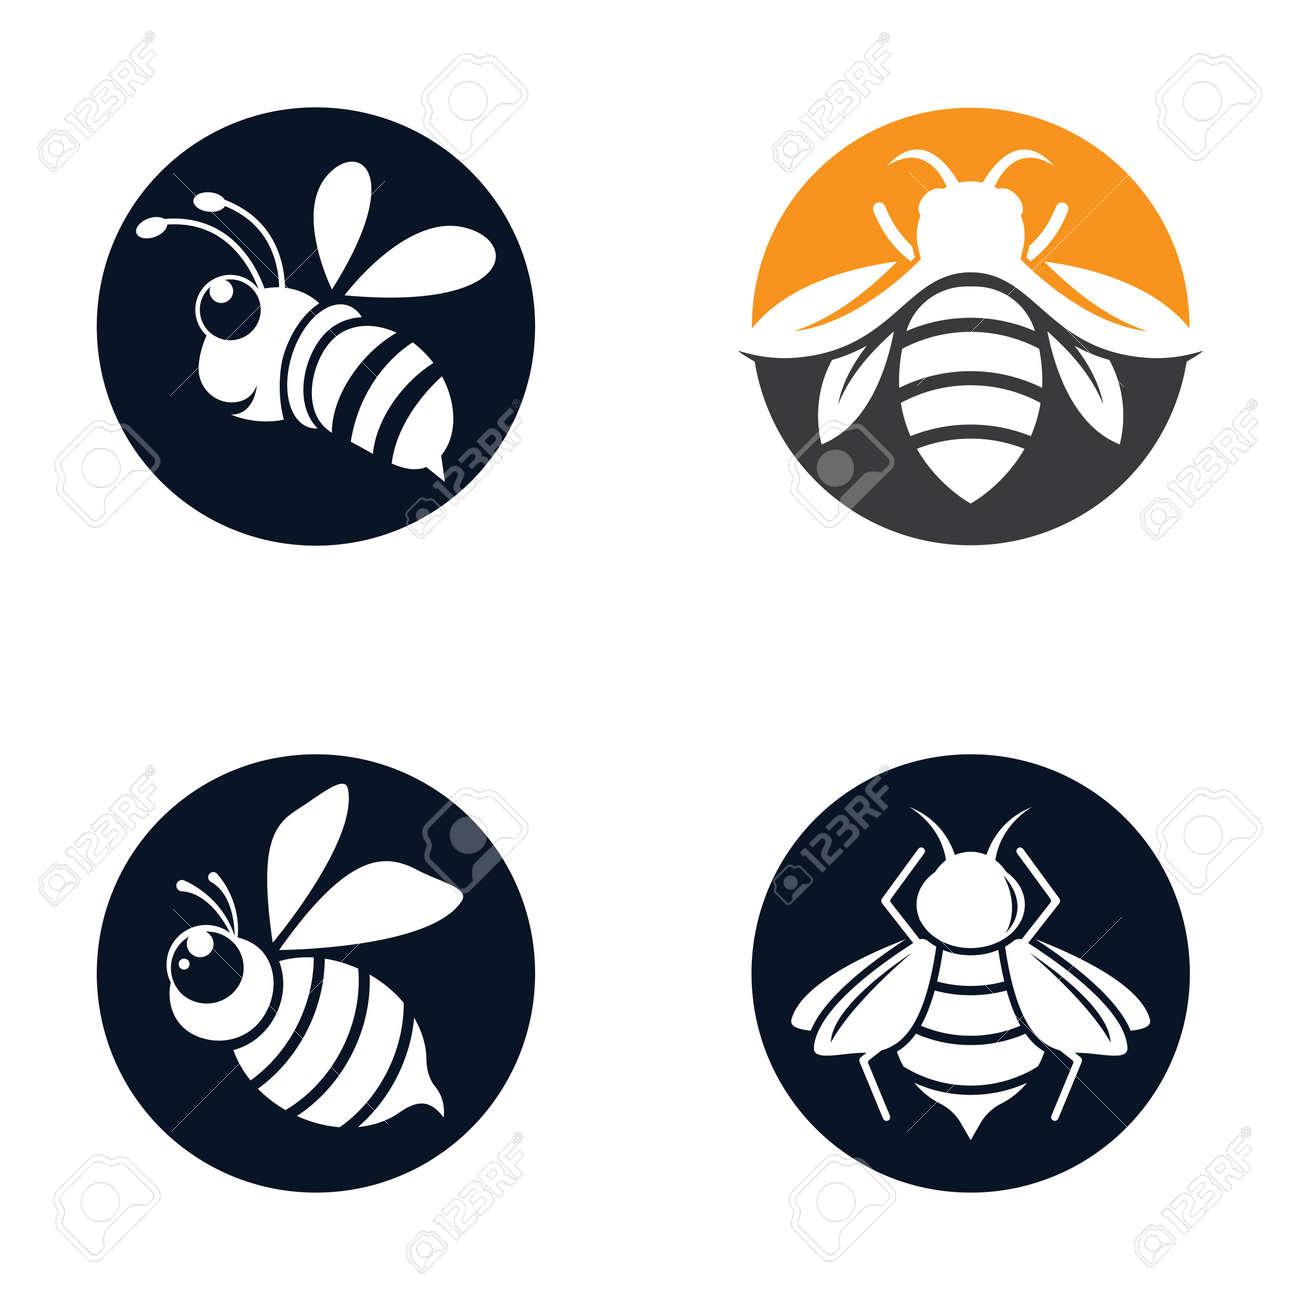 Bee logo images illustration design - 173289134